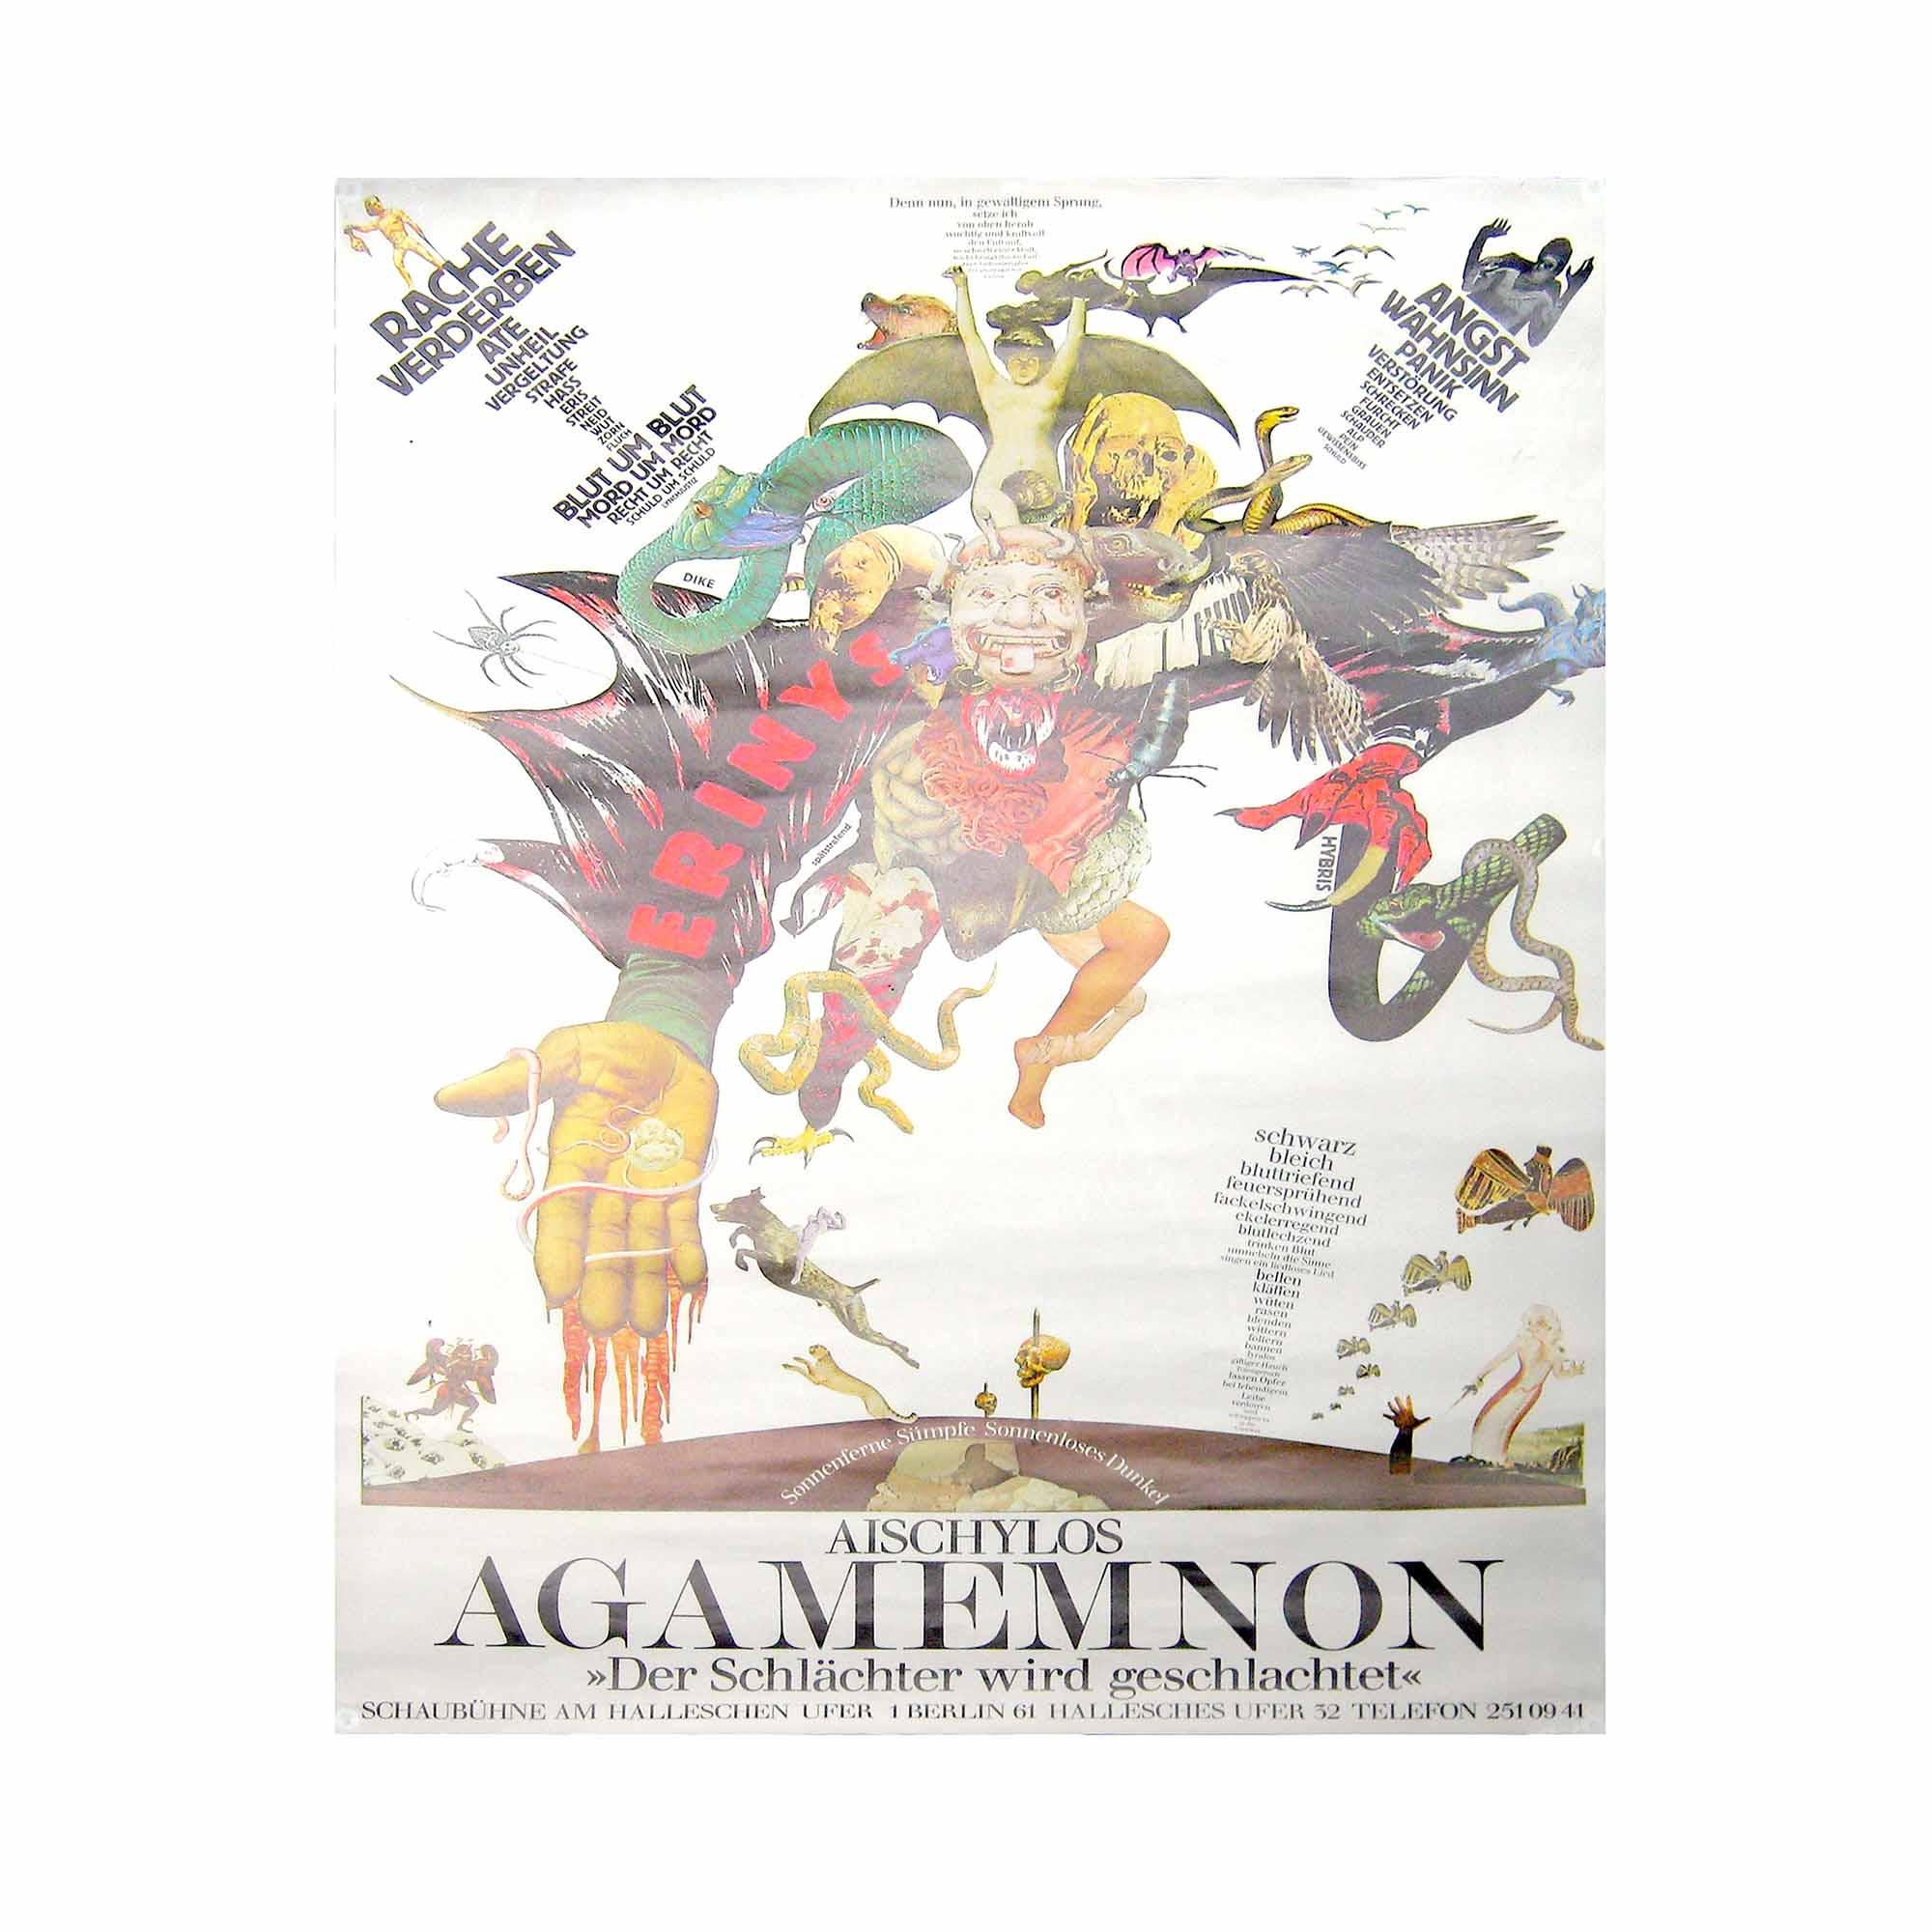 8055-Antikenprojekt-Agamemnon-Schaubühne-2-1980-1-N.jpg